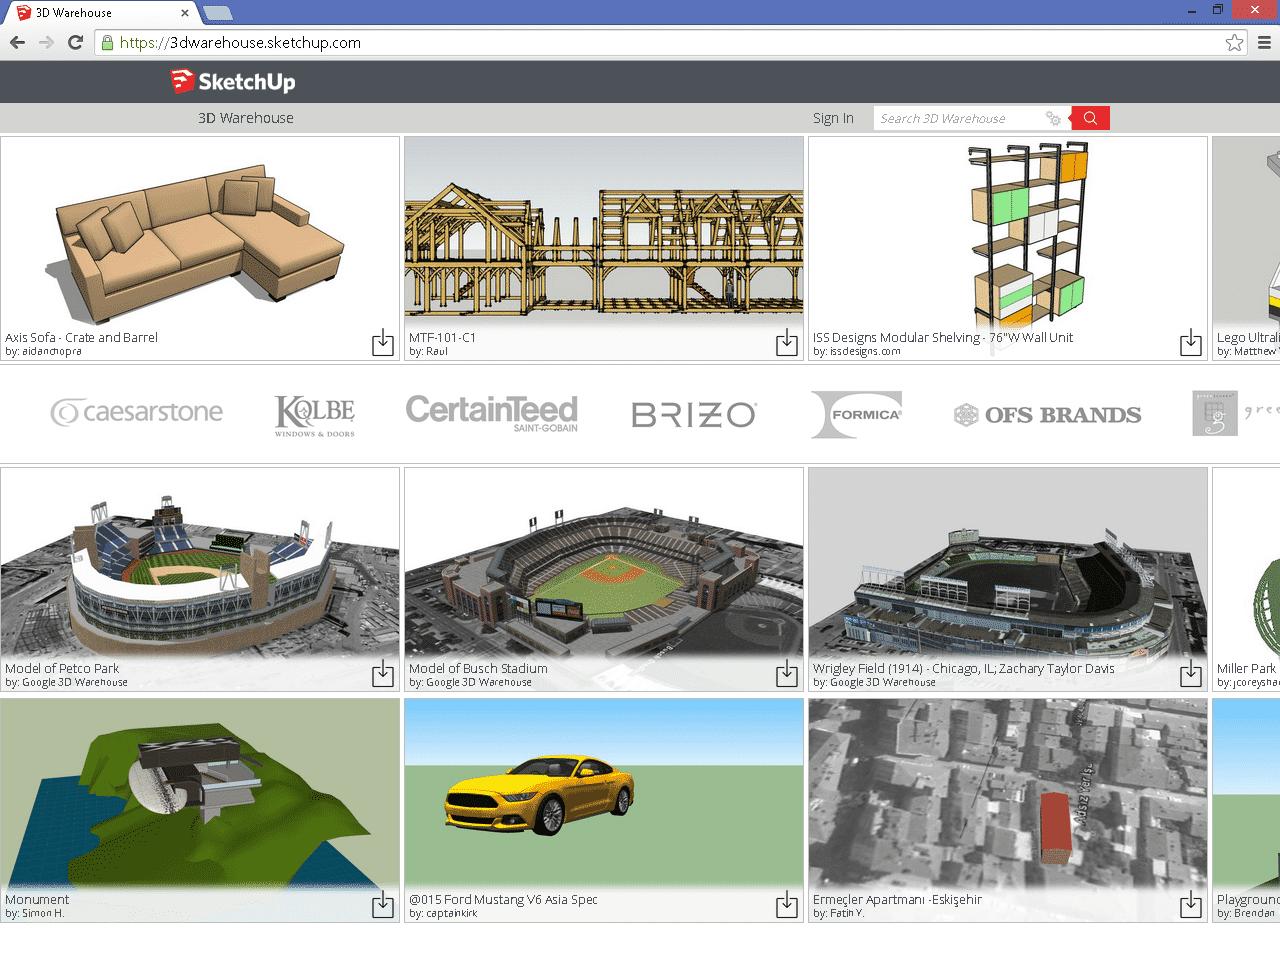 Die 3D-Galerie von Trimble erreicht man direkt aus SketchUp heraus, man kann aber auch einfach über einen Browser auf die zahlreichen Modelle zugreifen.